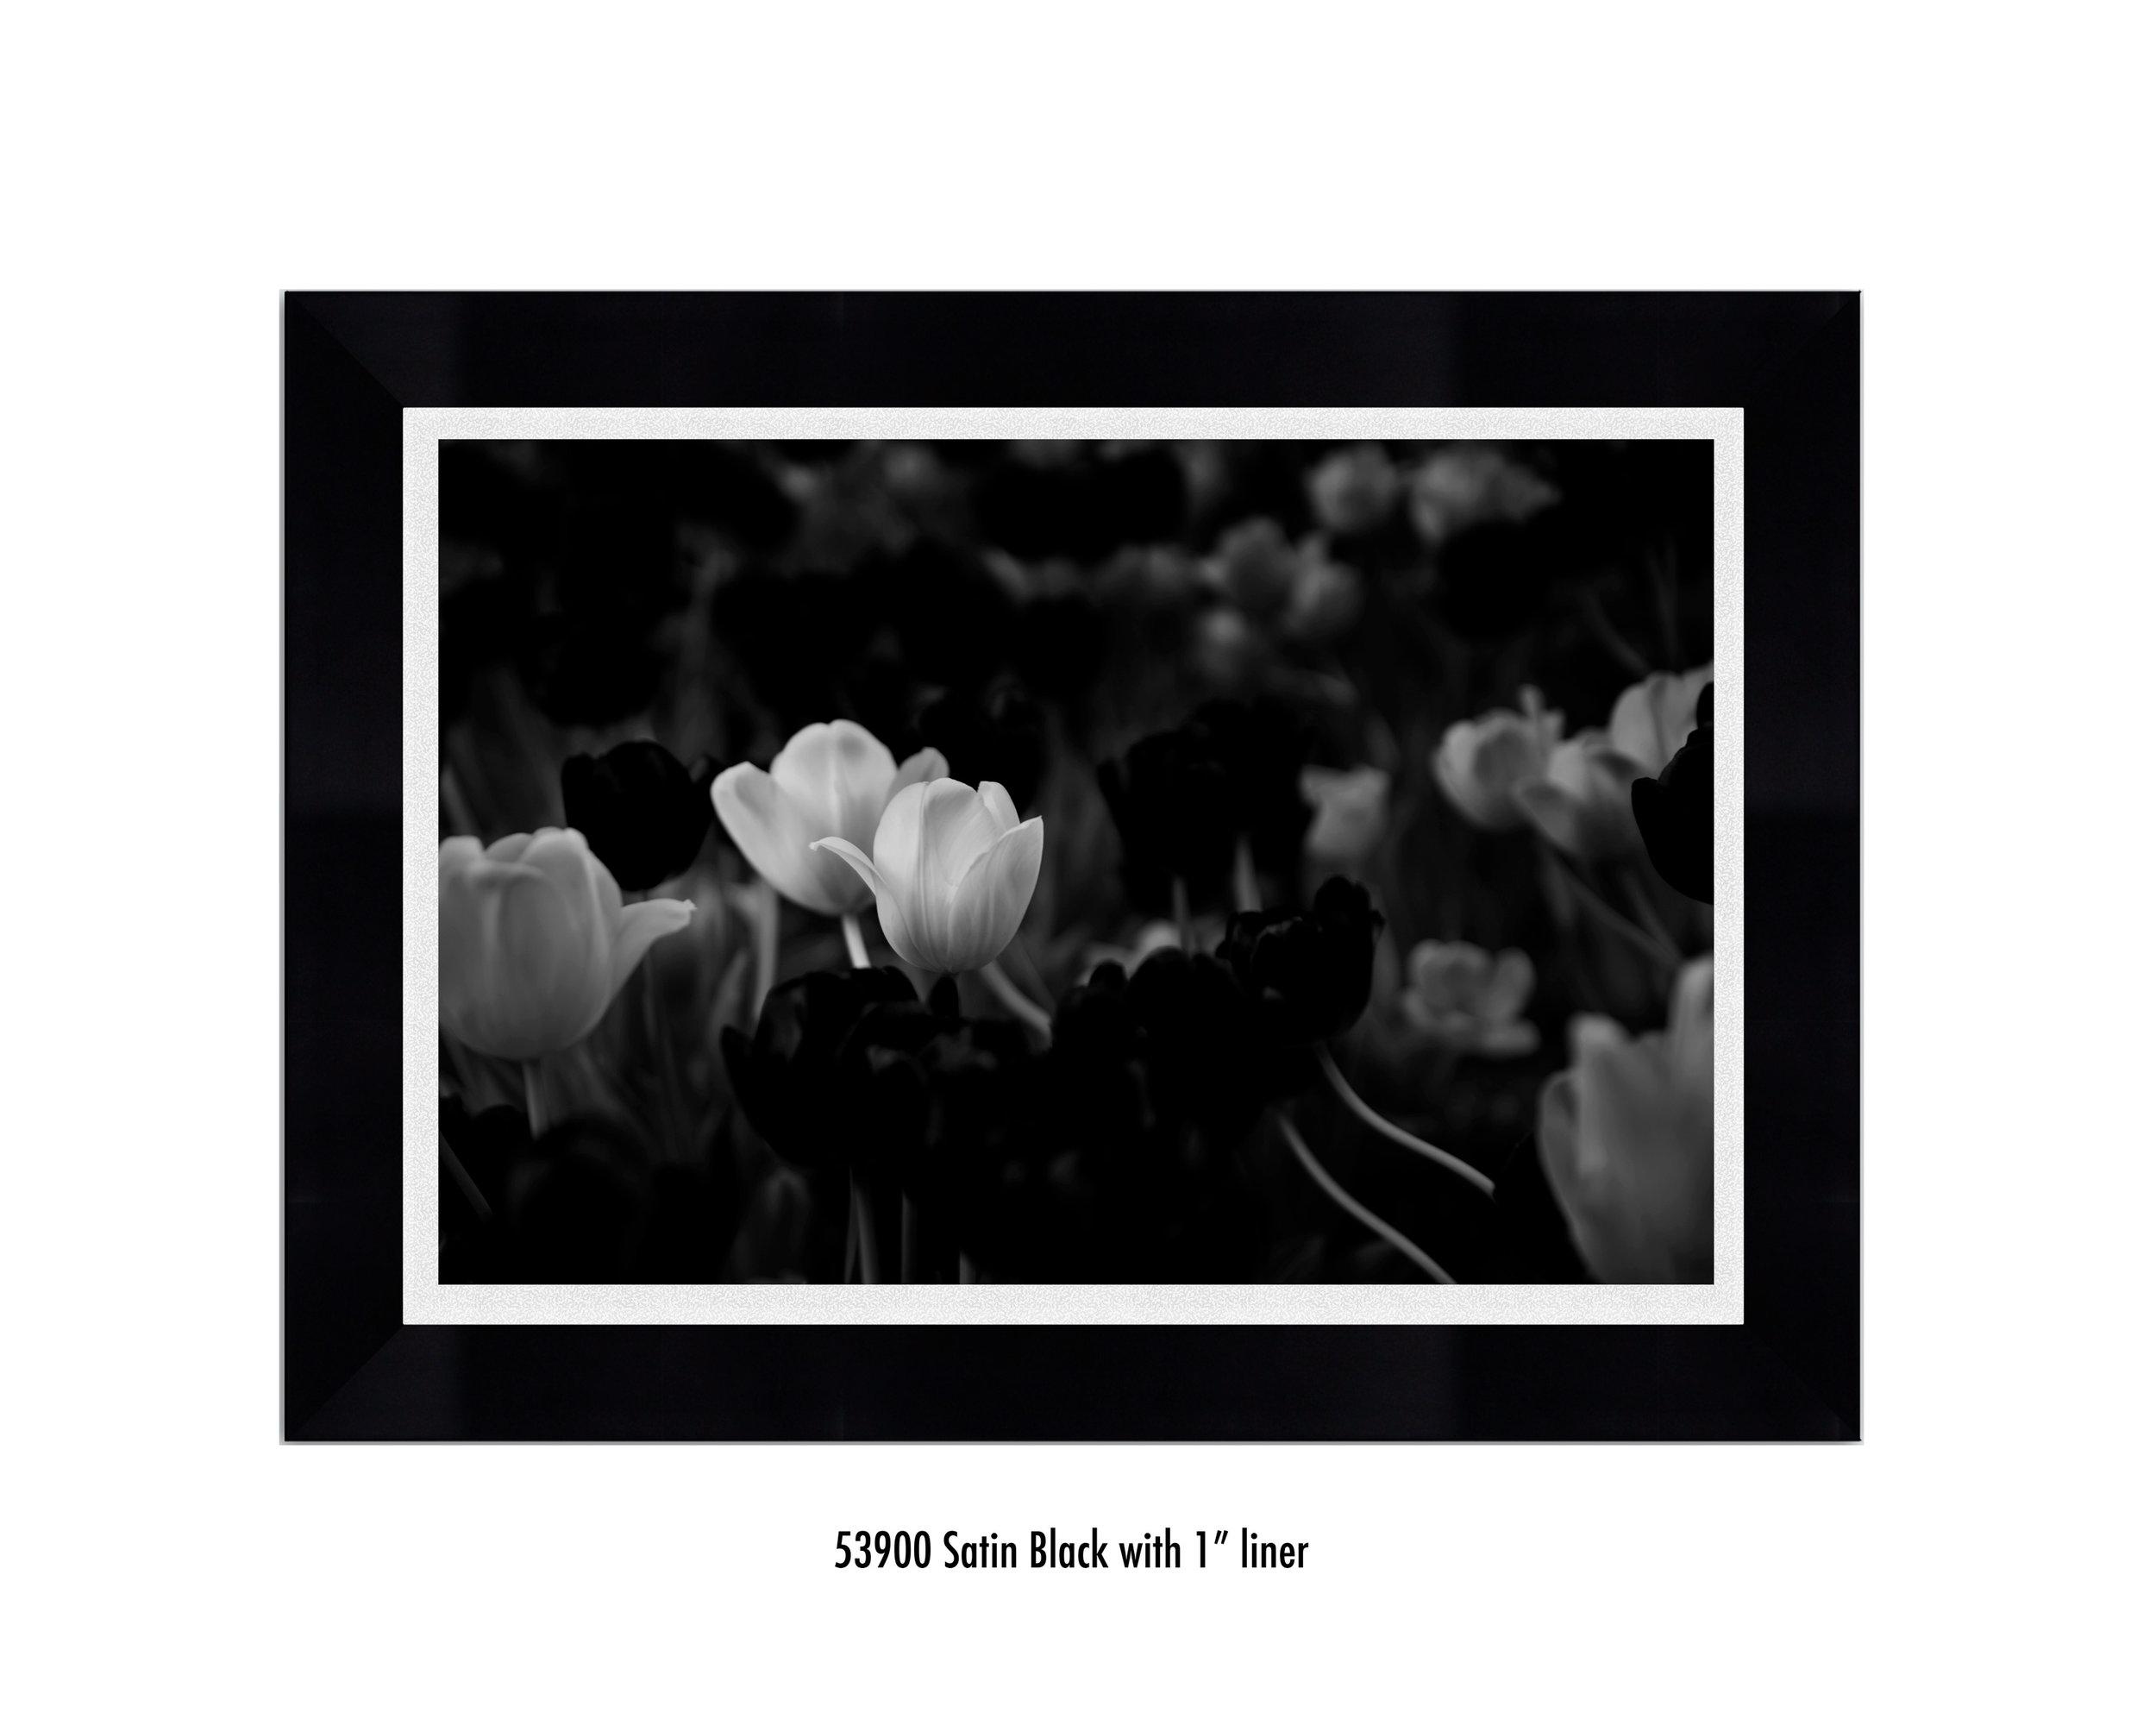 White-Flower-53900-1-wht.jpg